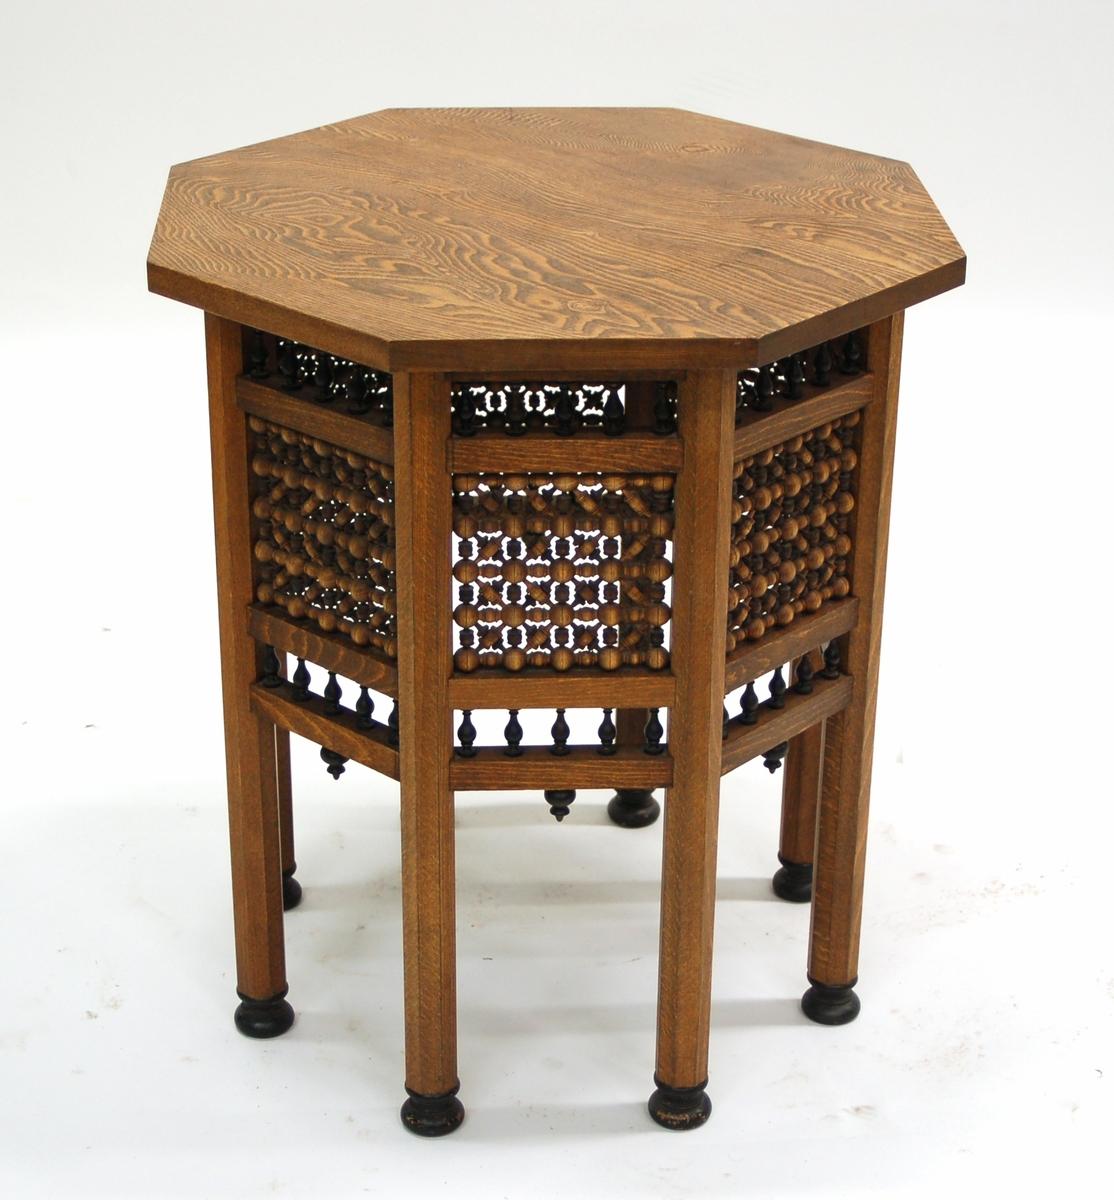 Acc kat: Rökbord, av ek med kulor och balustrar. Tillverkat av Rettigs snickare Lindgren och svarvare Persson i Gefle.